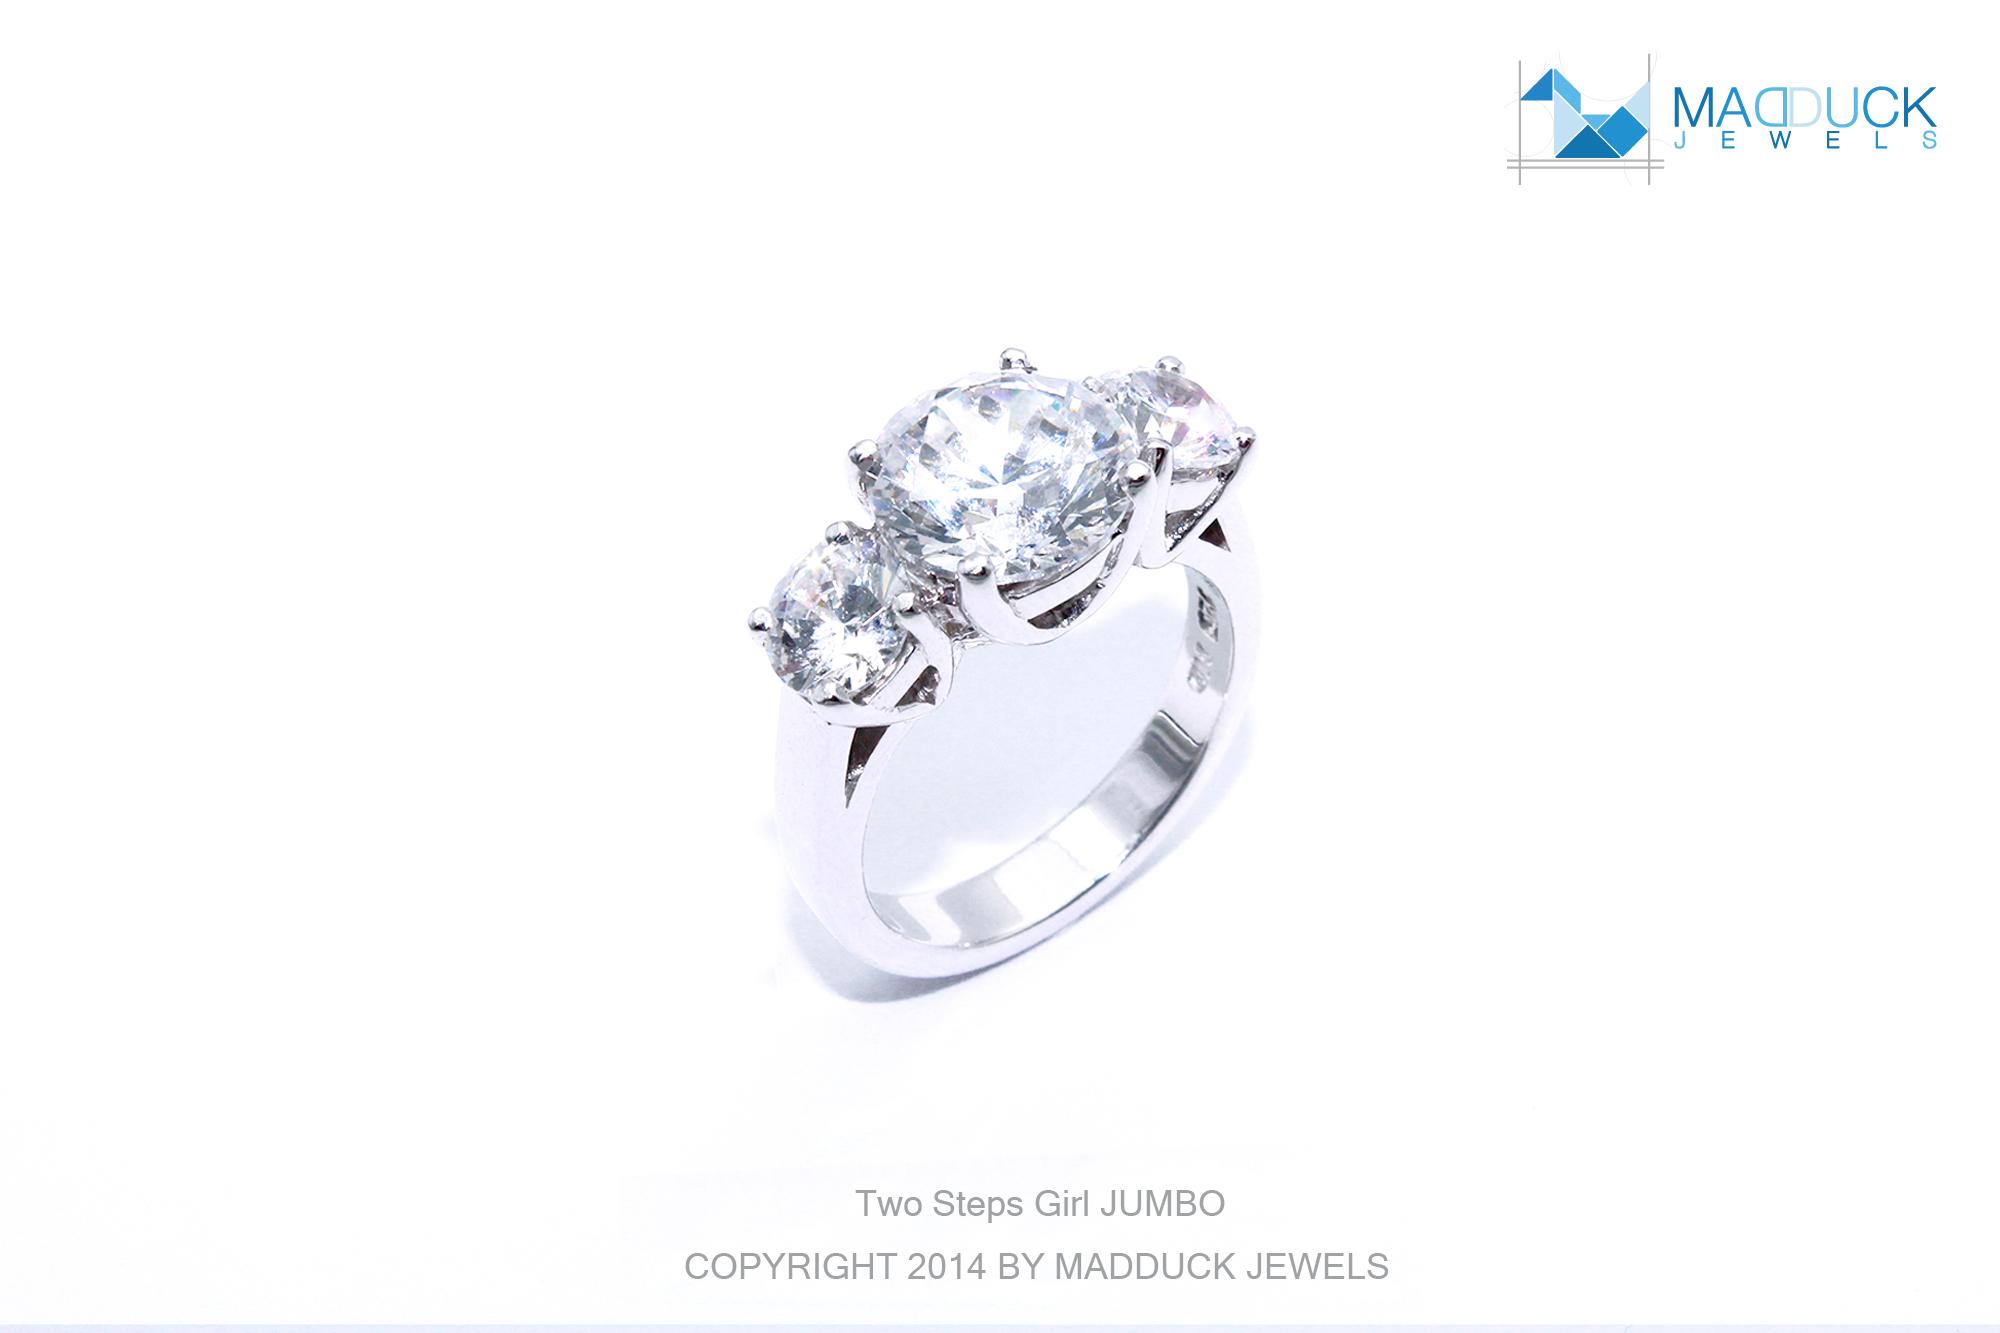 แหวนเงินแท้ เพชรสังเคราะห์ ชุบทองคำขาว รุ่น RG1433 two step G jumbo